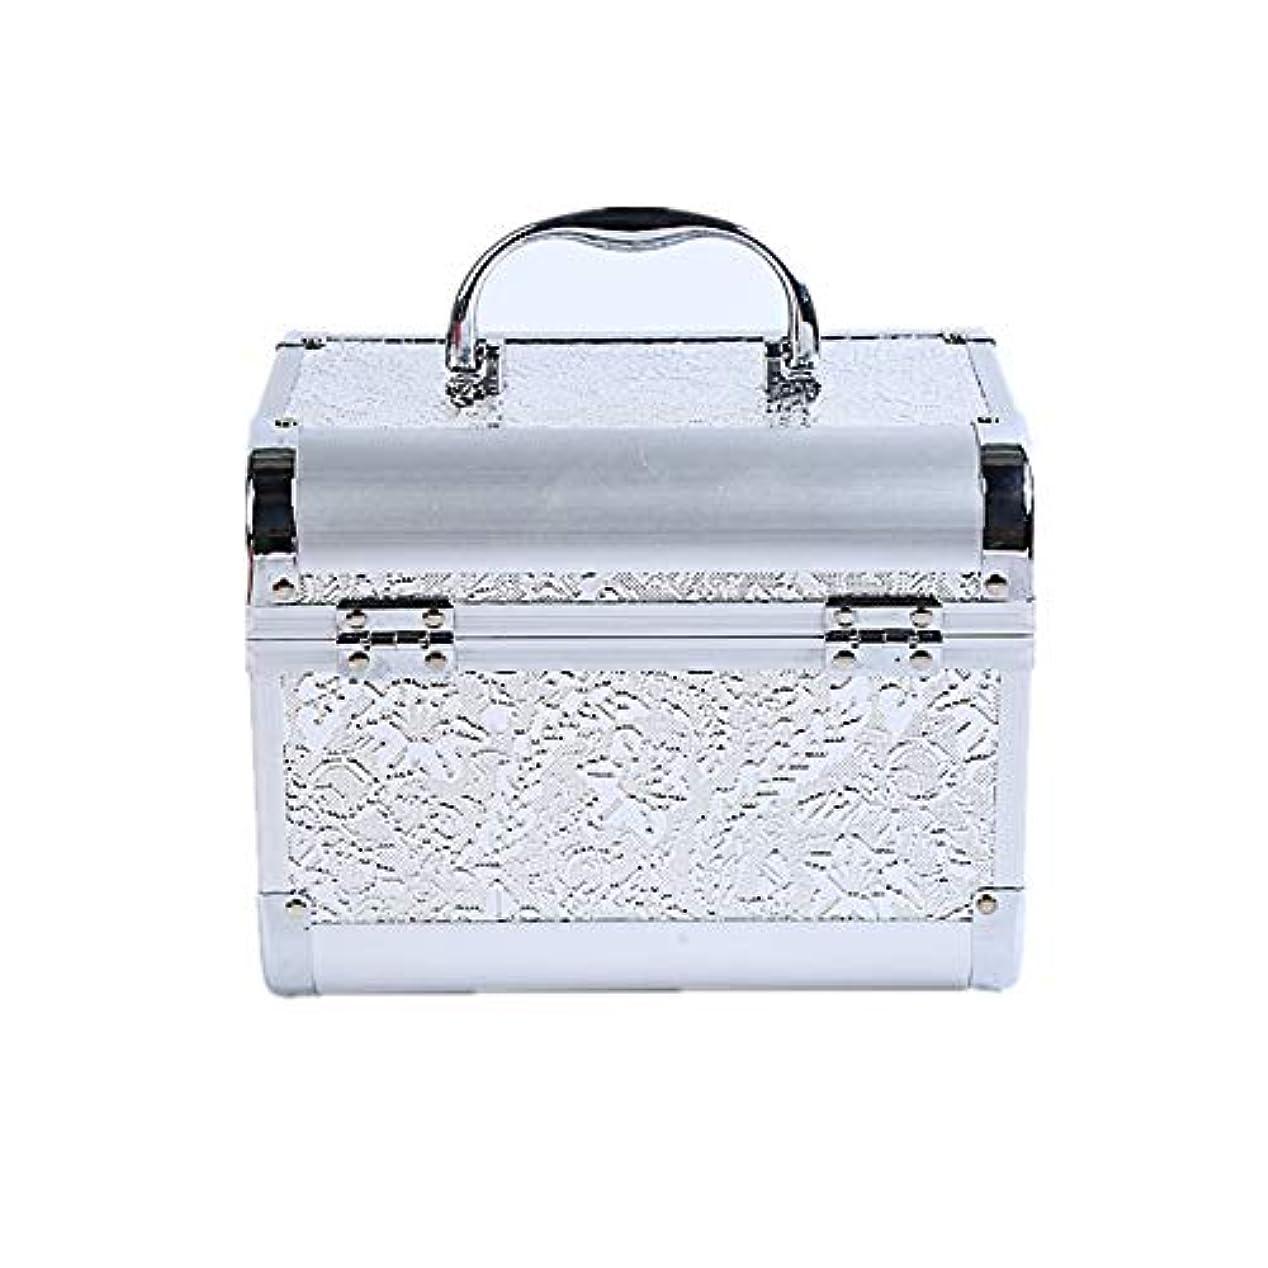 望まない単位かる化粧オーガナイザーバッグ コード化されたロックと化粧鏡で小さなものの種類の旅行のための美容メイクアップのための白い化粧ケース 化粧品ケース